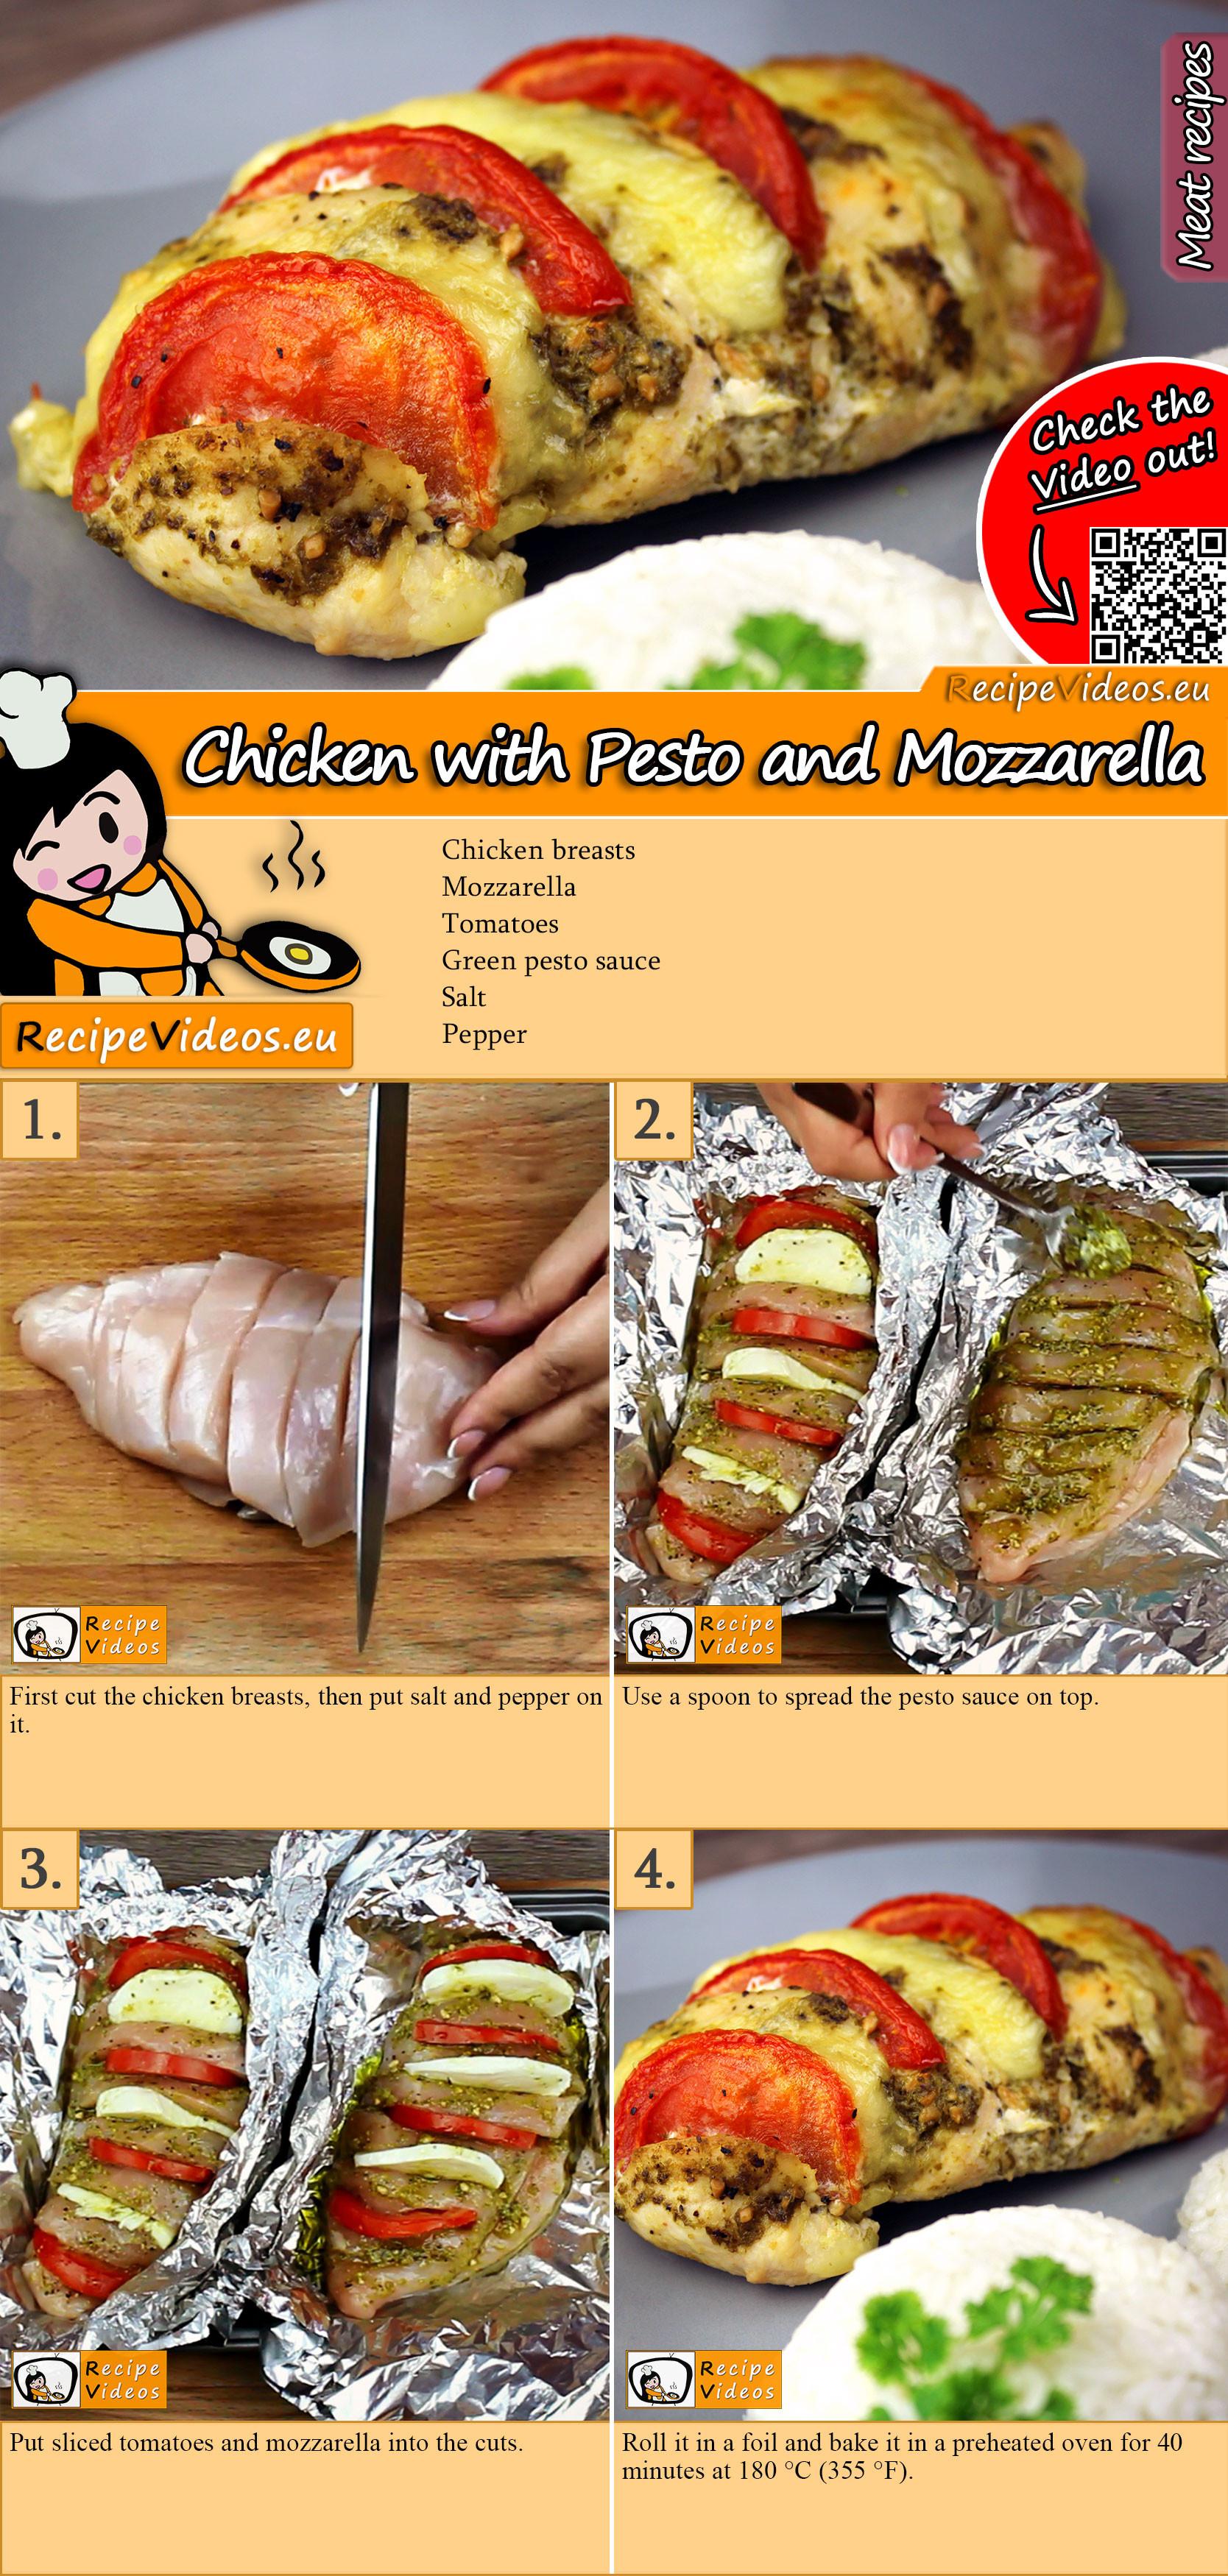 Chicken with Pesto and Mozzarella recipe with video